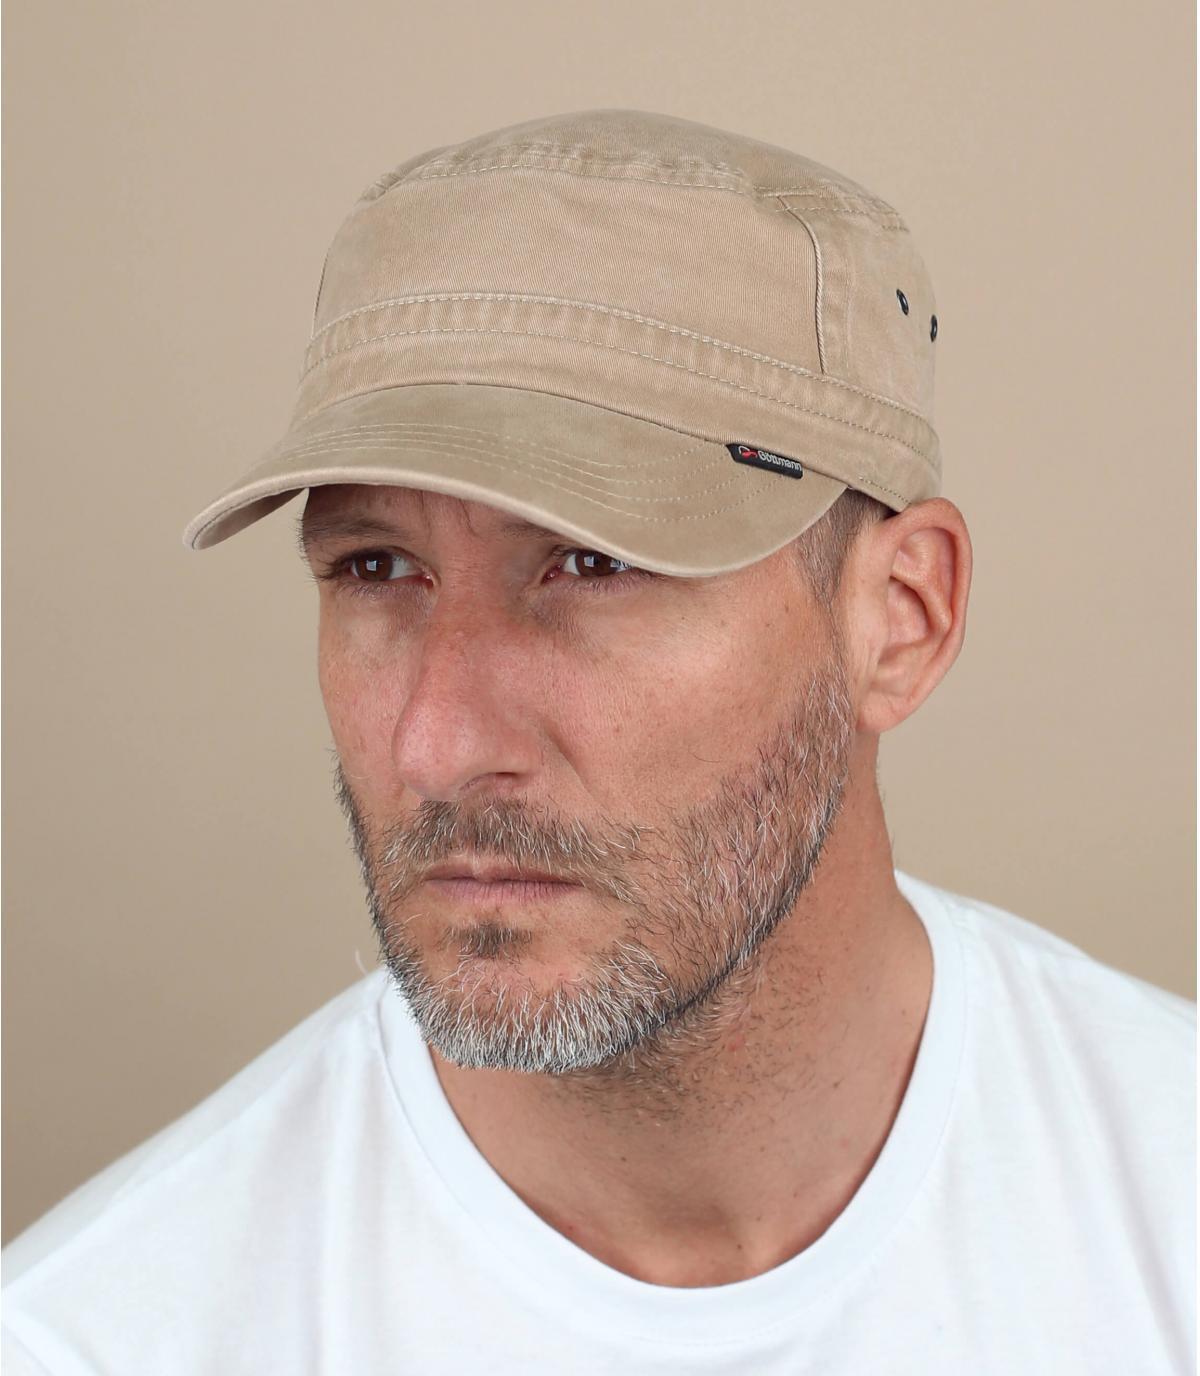 cappellino militare beige